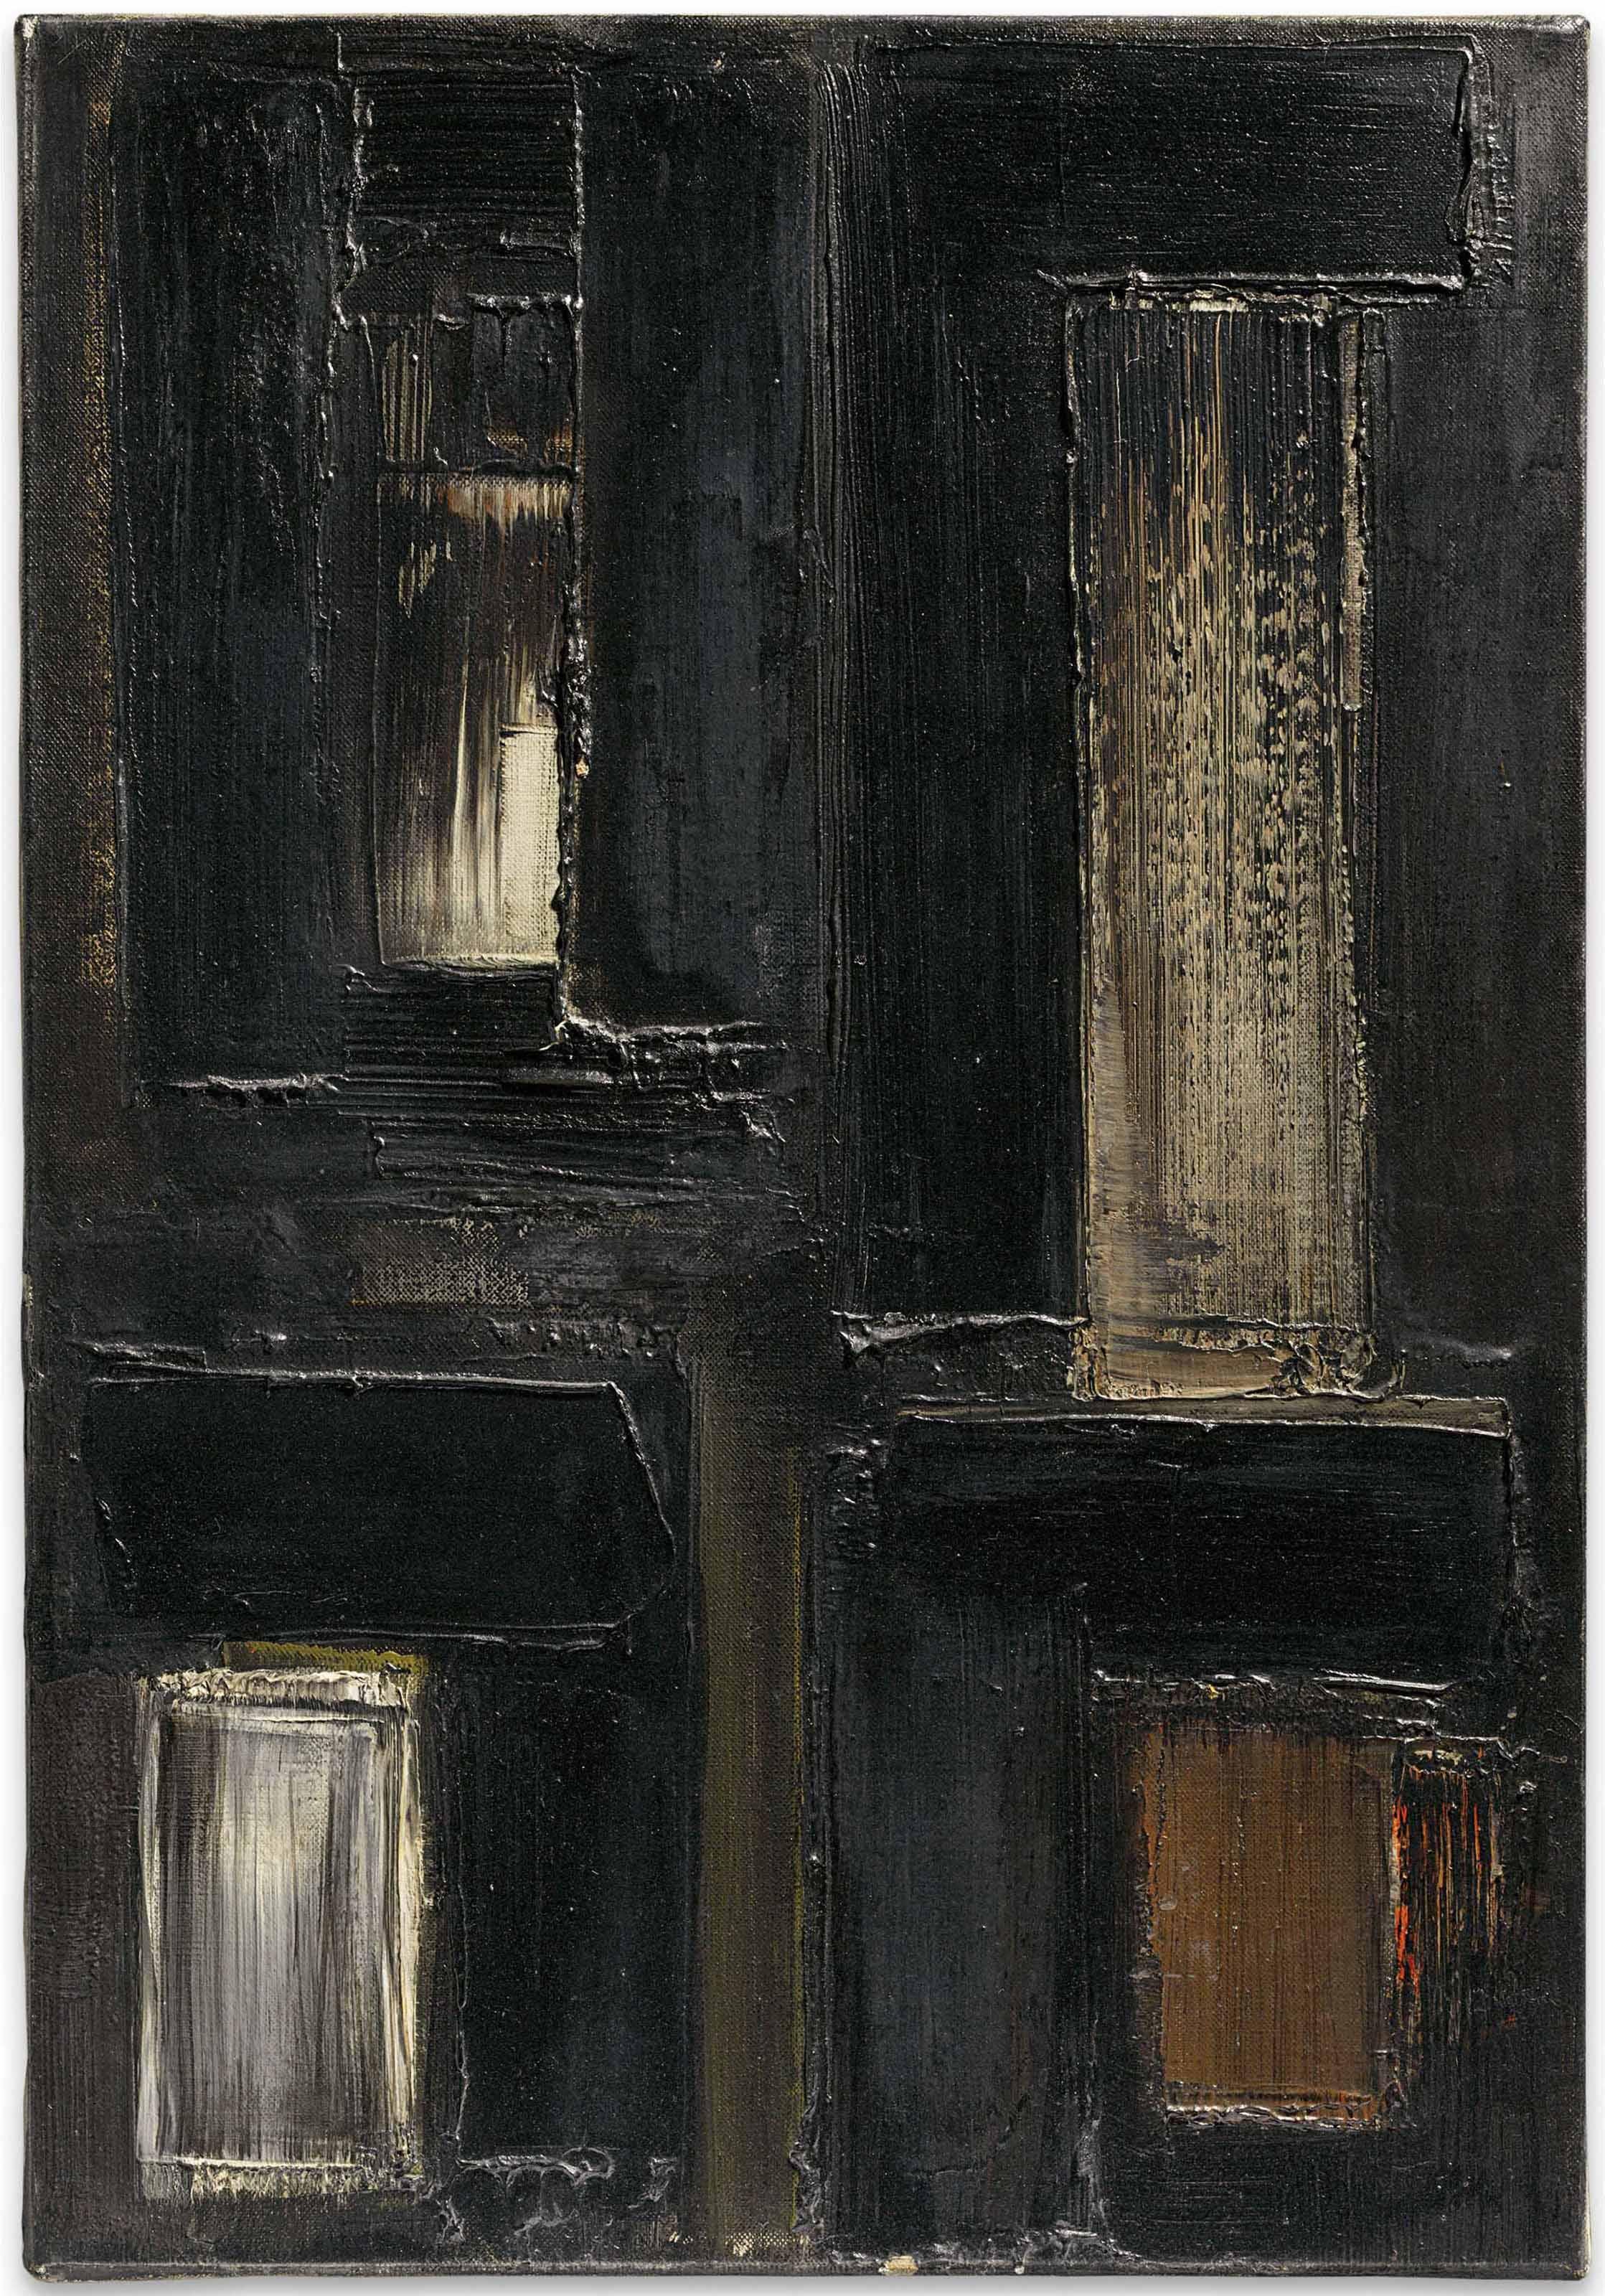 Pierre Soulages (b. 1919) , Peinture 55 x 38 cm, 7 octobre 1955 | Christie's